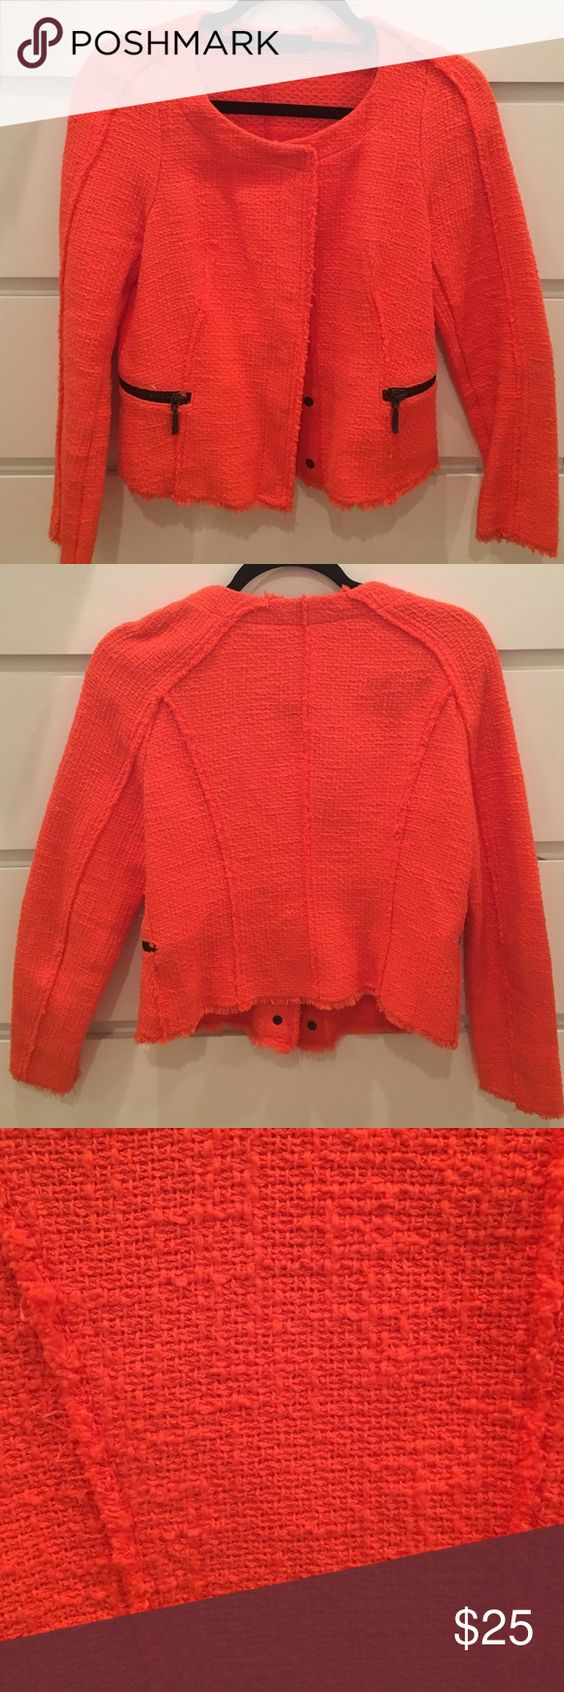 Orange blazer with black zippers Bright orange tweed blazer with black zippers and buttons. Modern cut. Zara Jackets & Coats Blazers